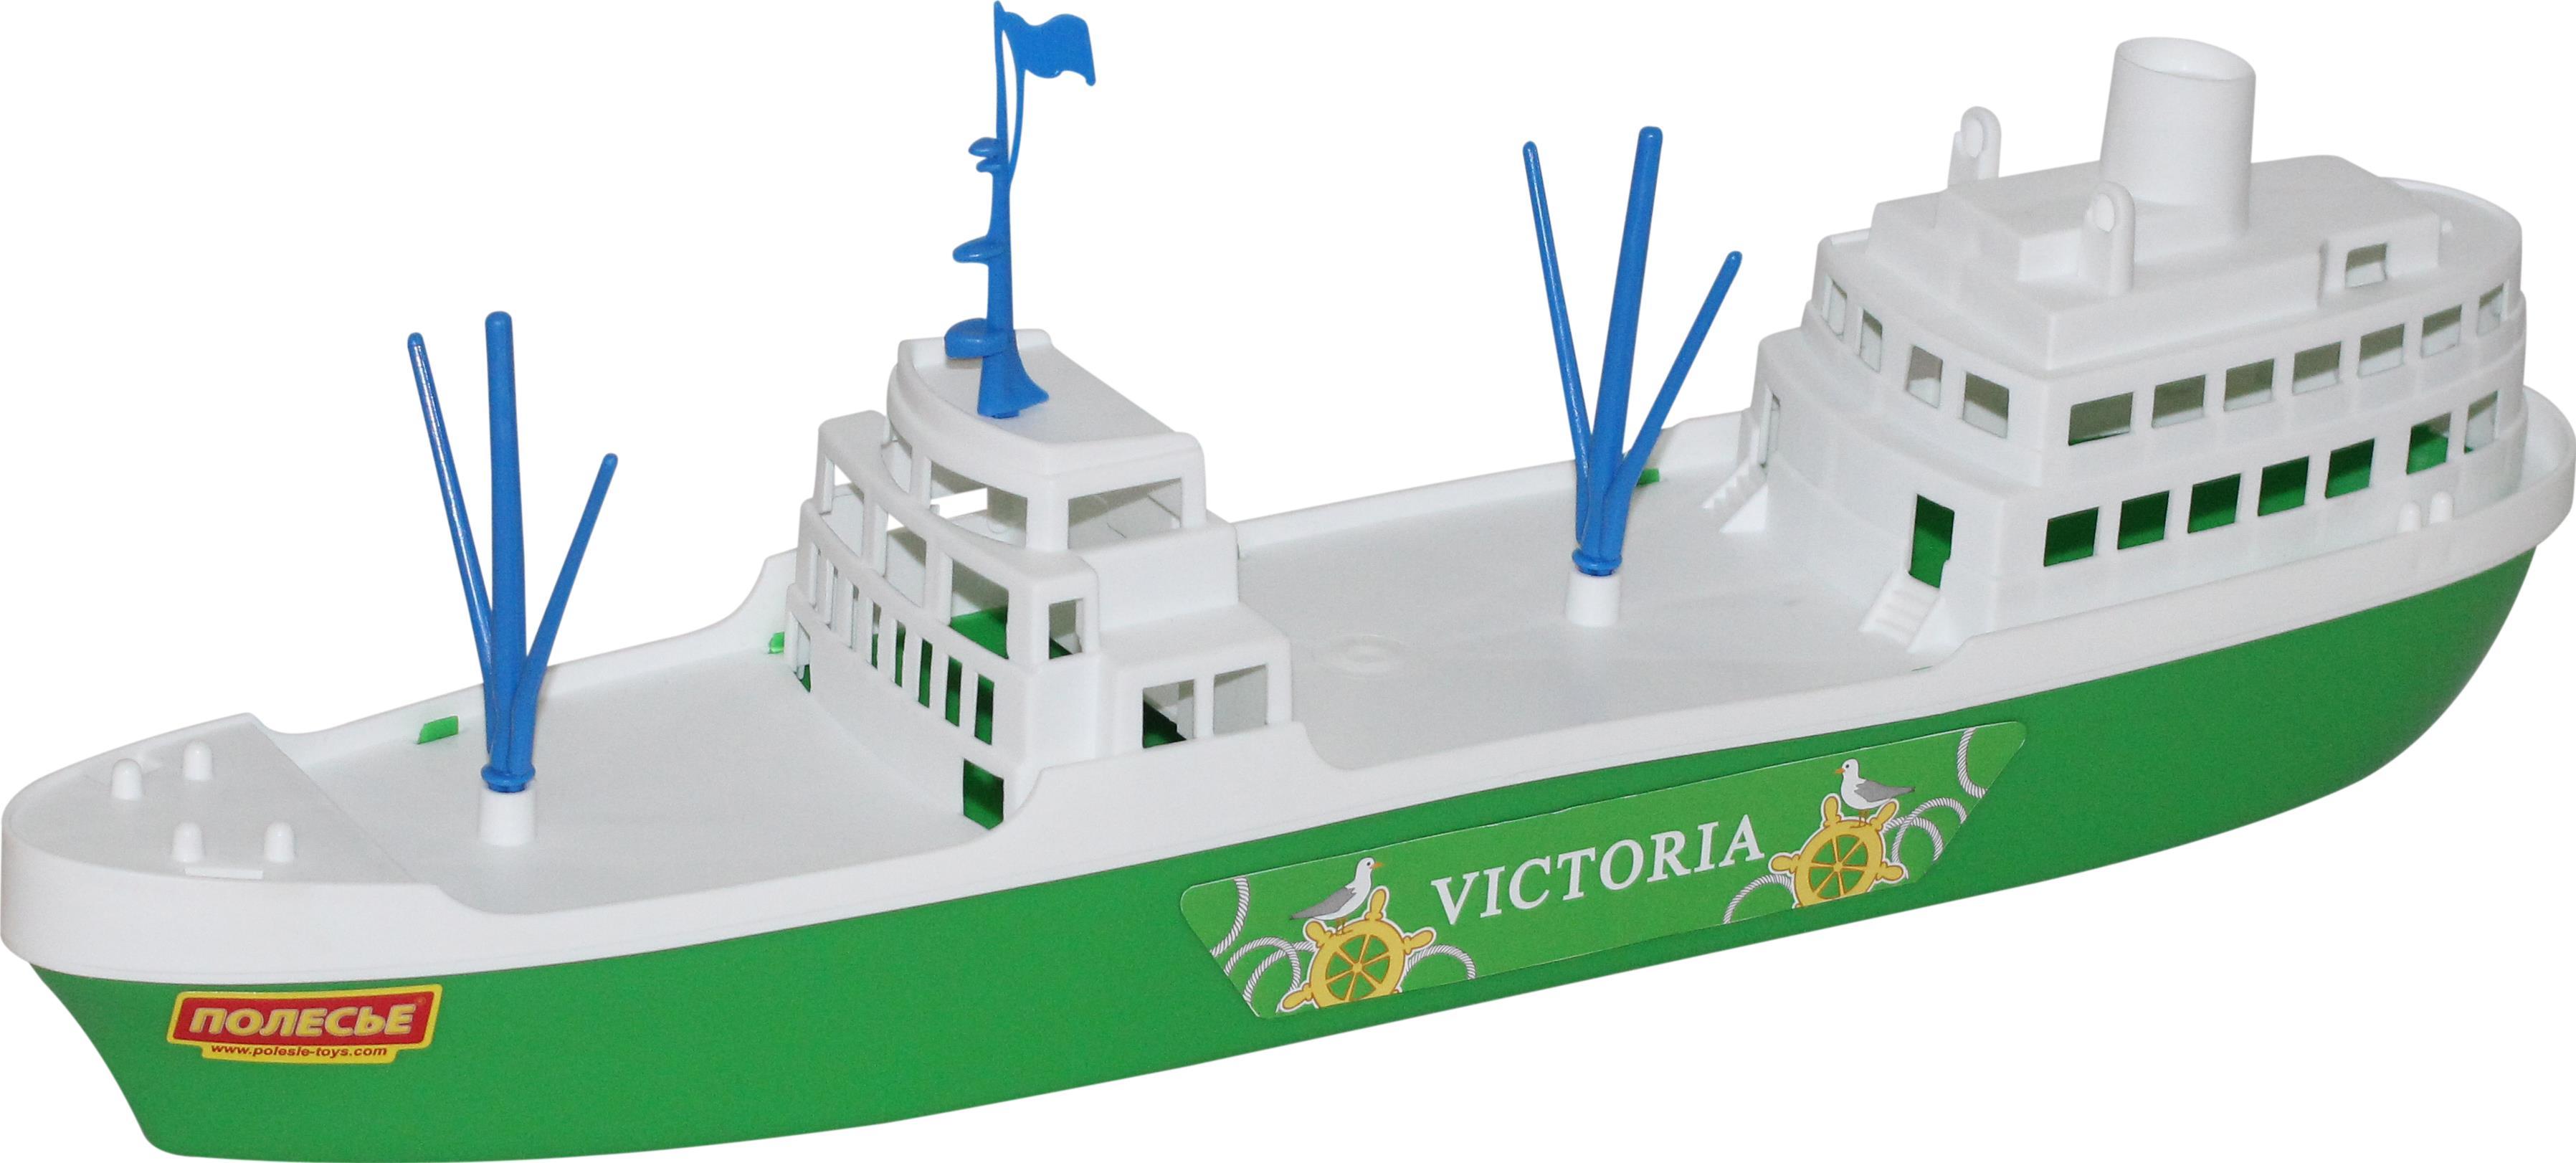 Корабль Виктория, 46 см.Корабли и катера в ванну<br>Корабль Виктория, 46 см.<br>